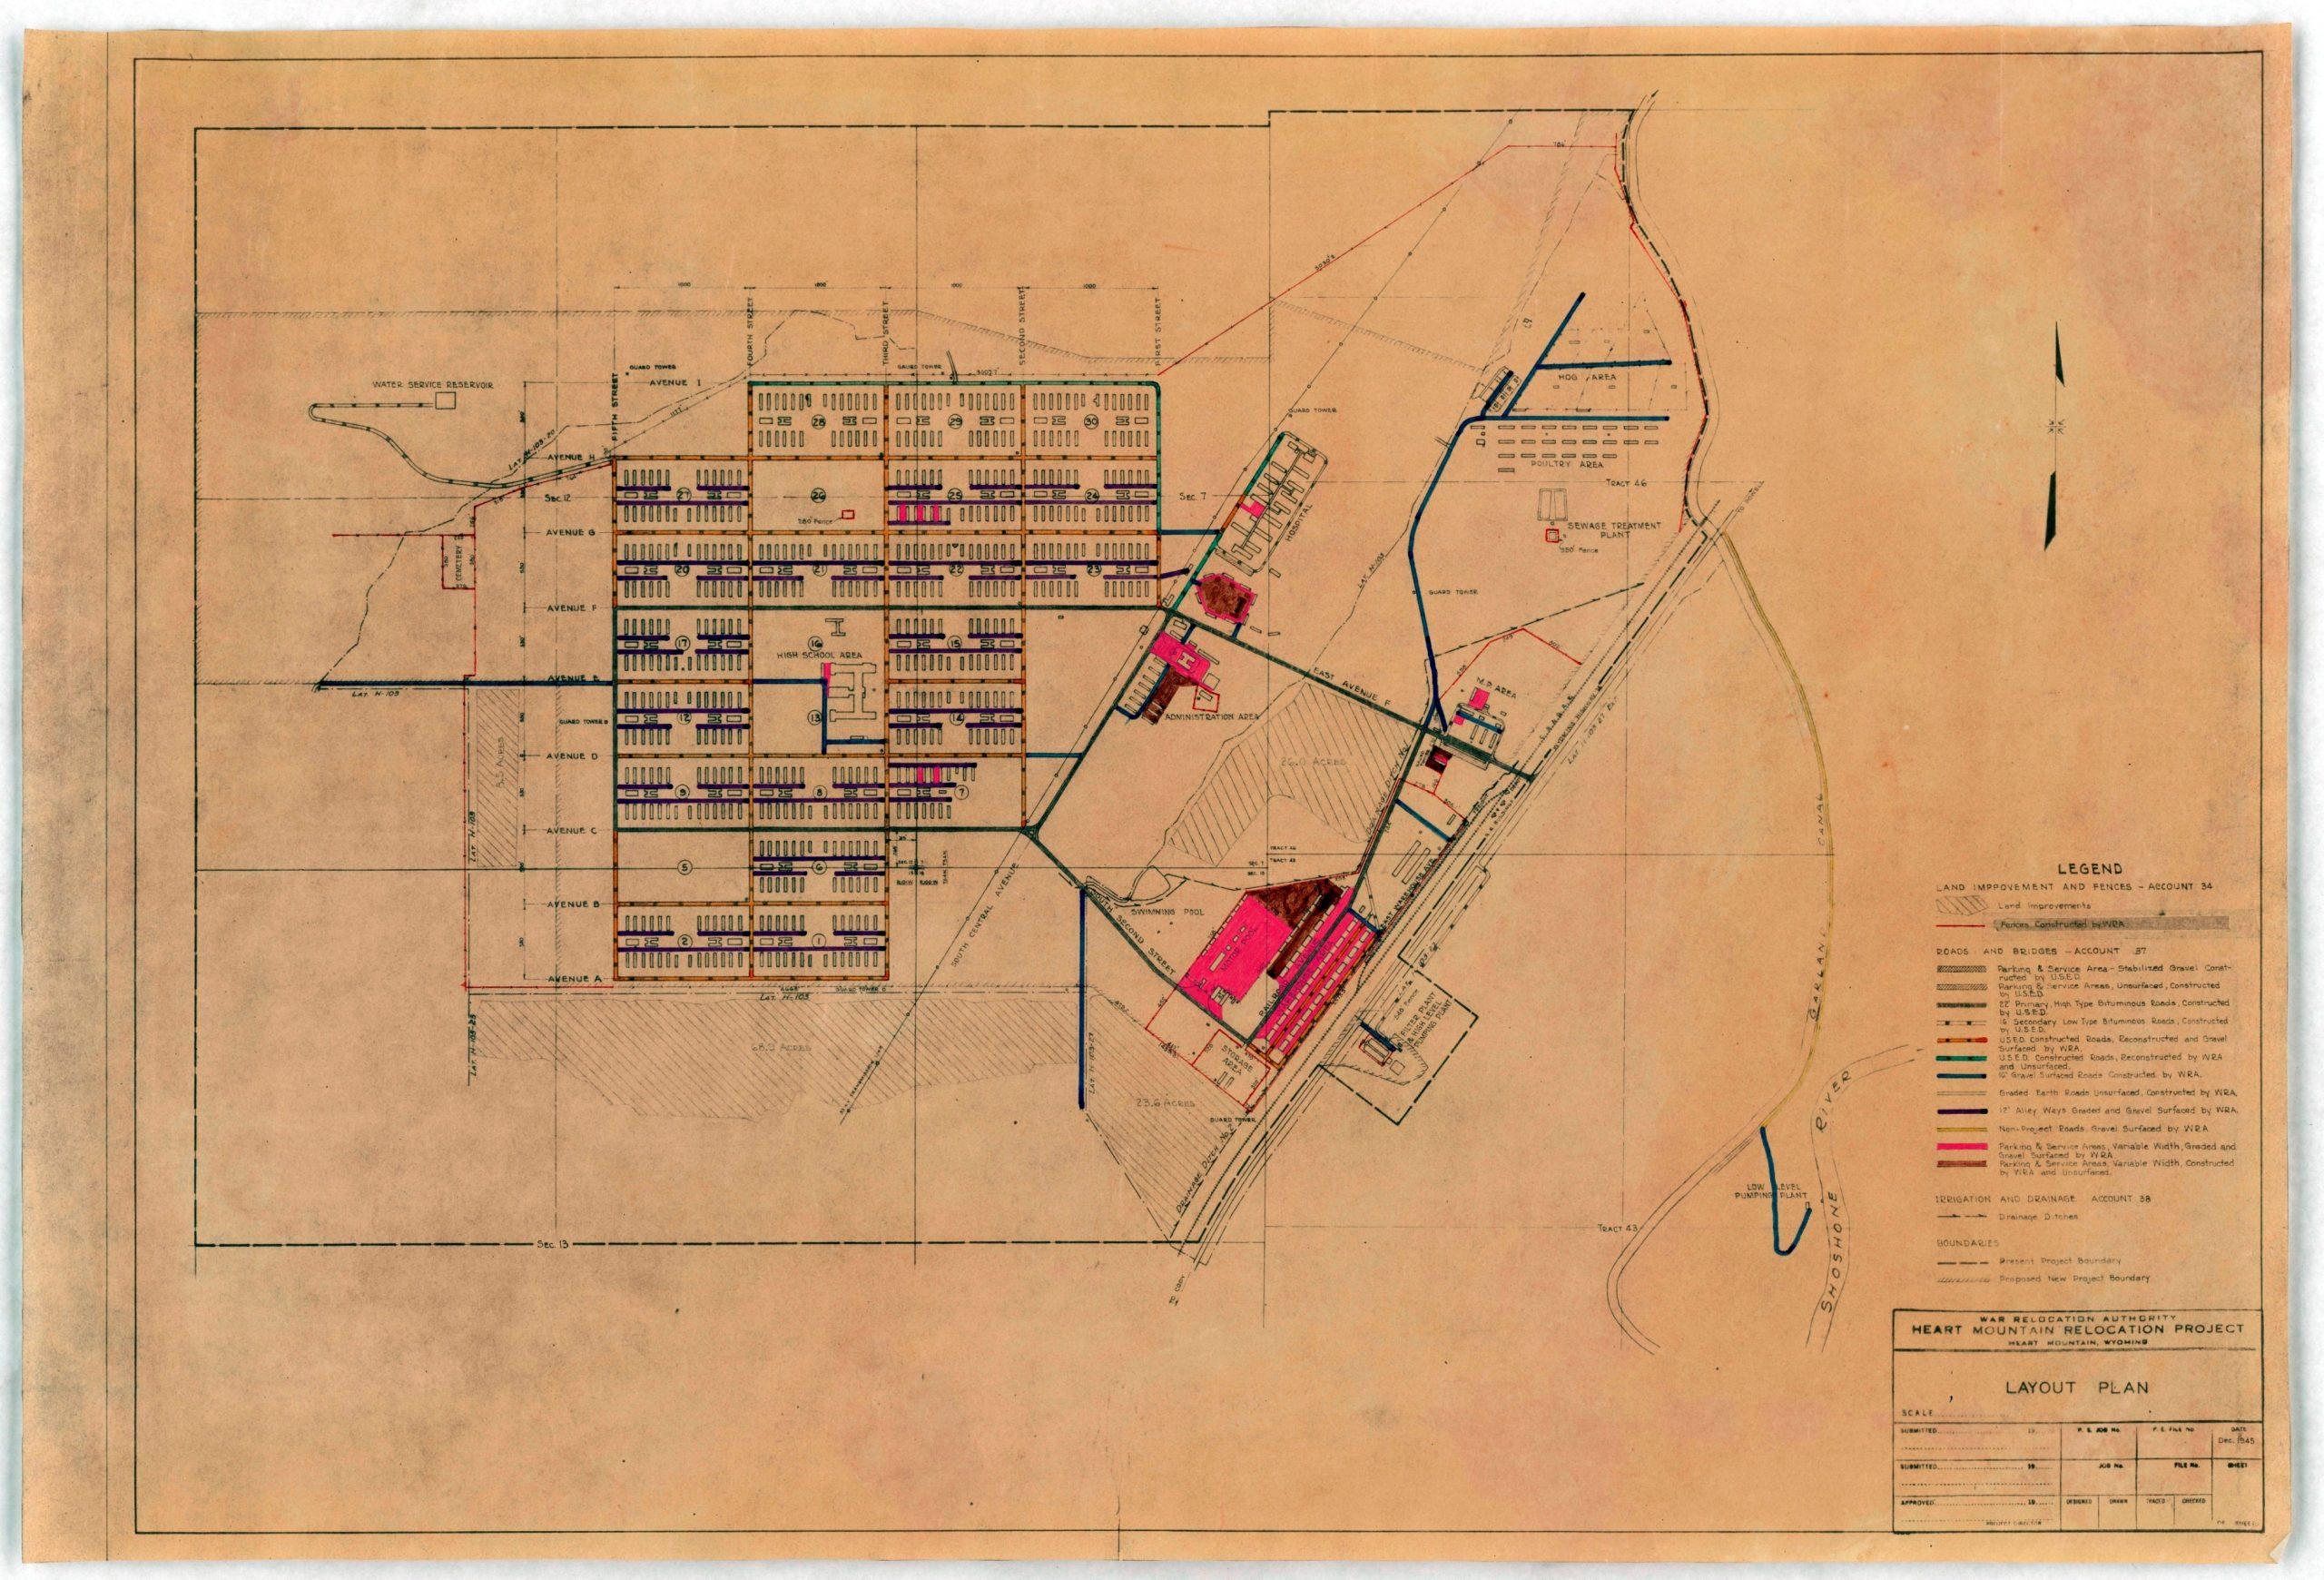 Wyoming- Heart Mountain- Layout Plan